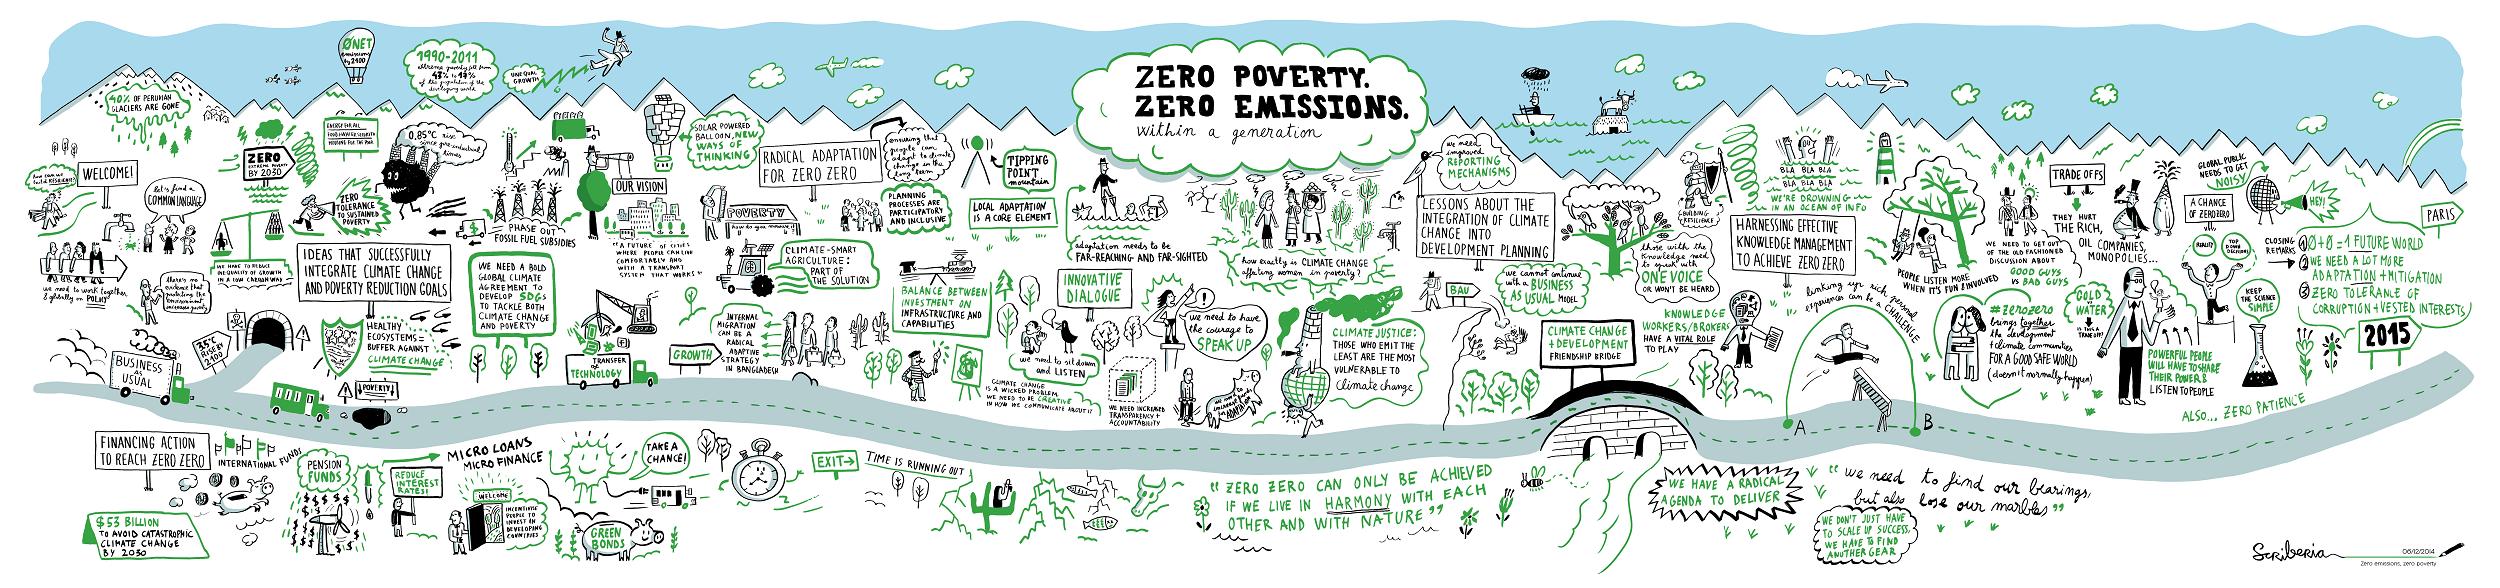 Mural: zero poverty, zero emissions